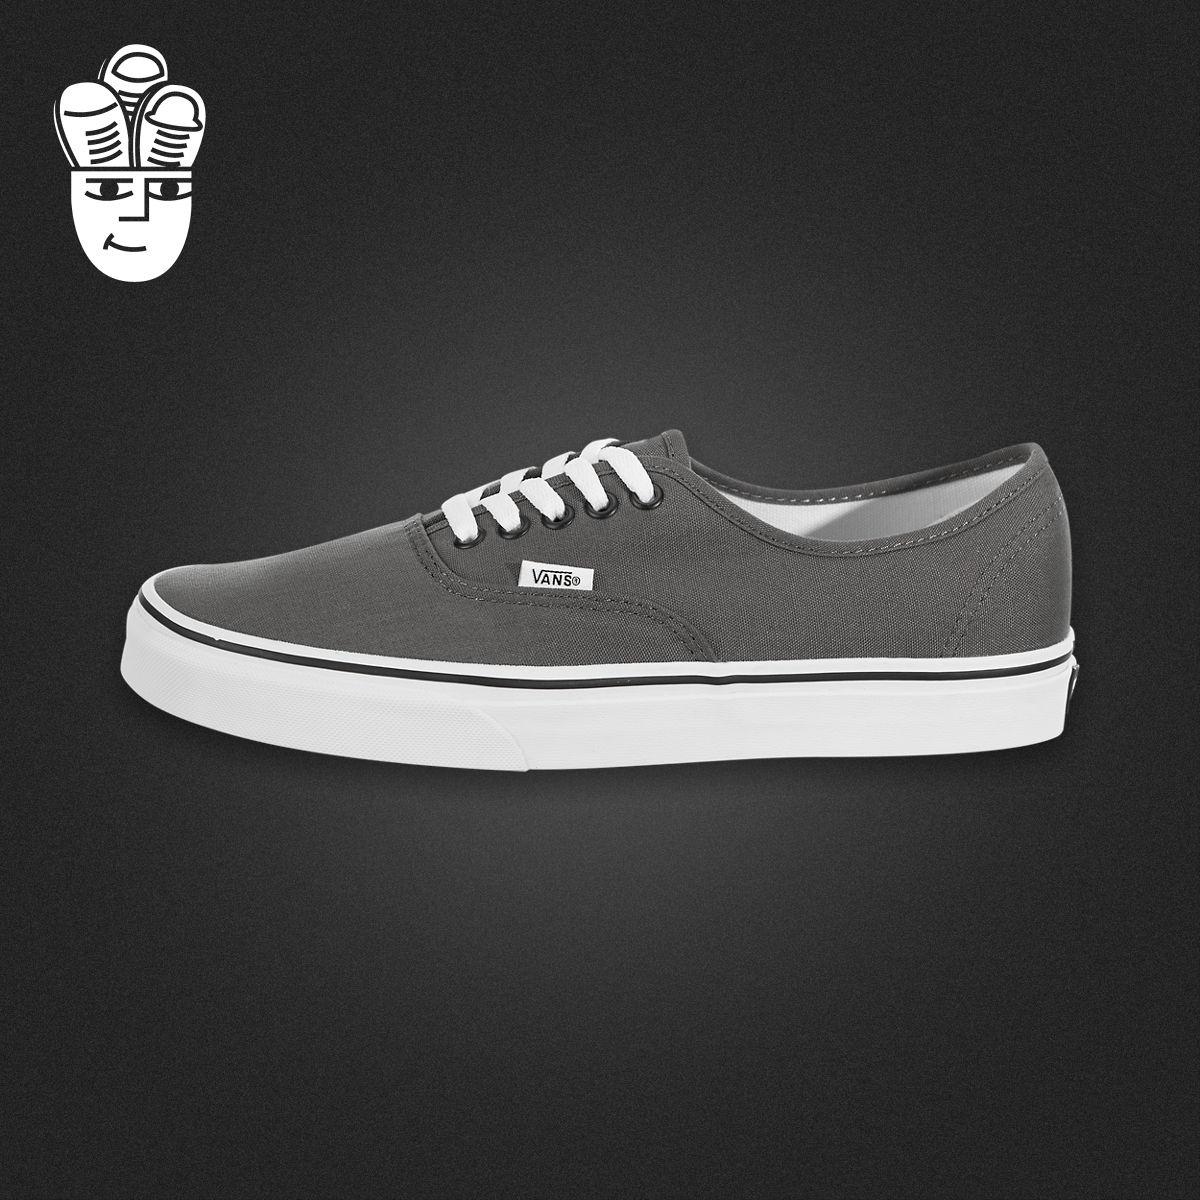 Vans Authentic万斯范斯经典男鞋女鞋情侣款帆布休闲鞋滑板鞋